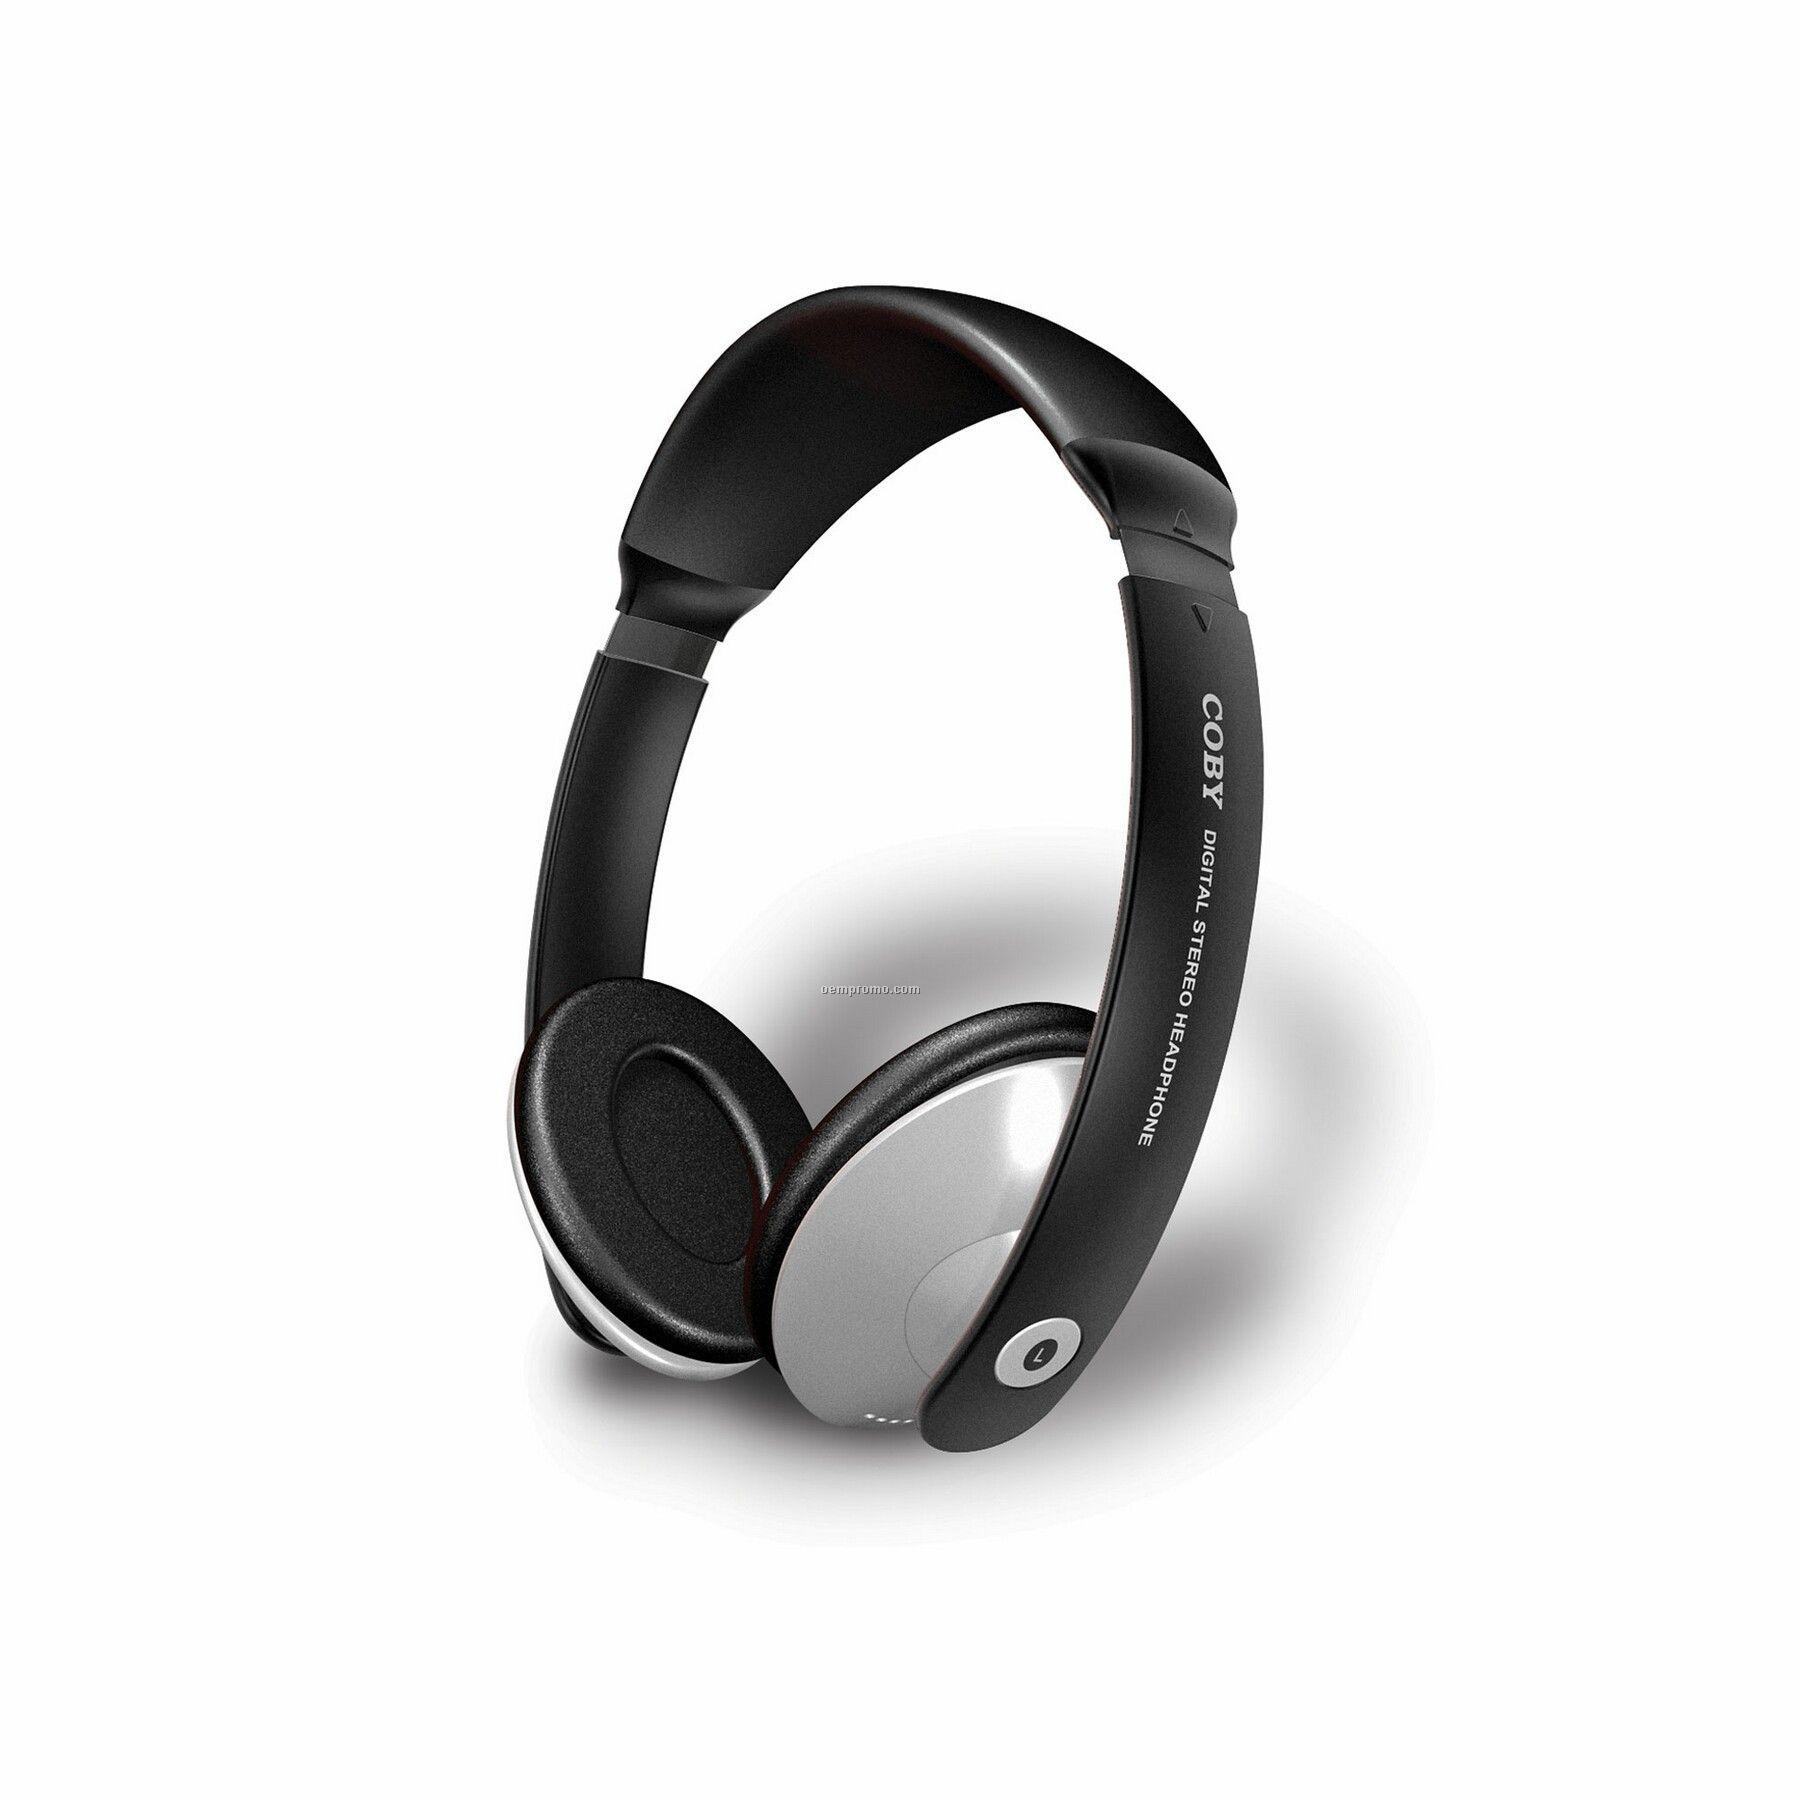 Deep Bass Stereo Headphones